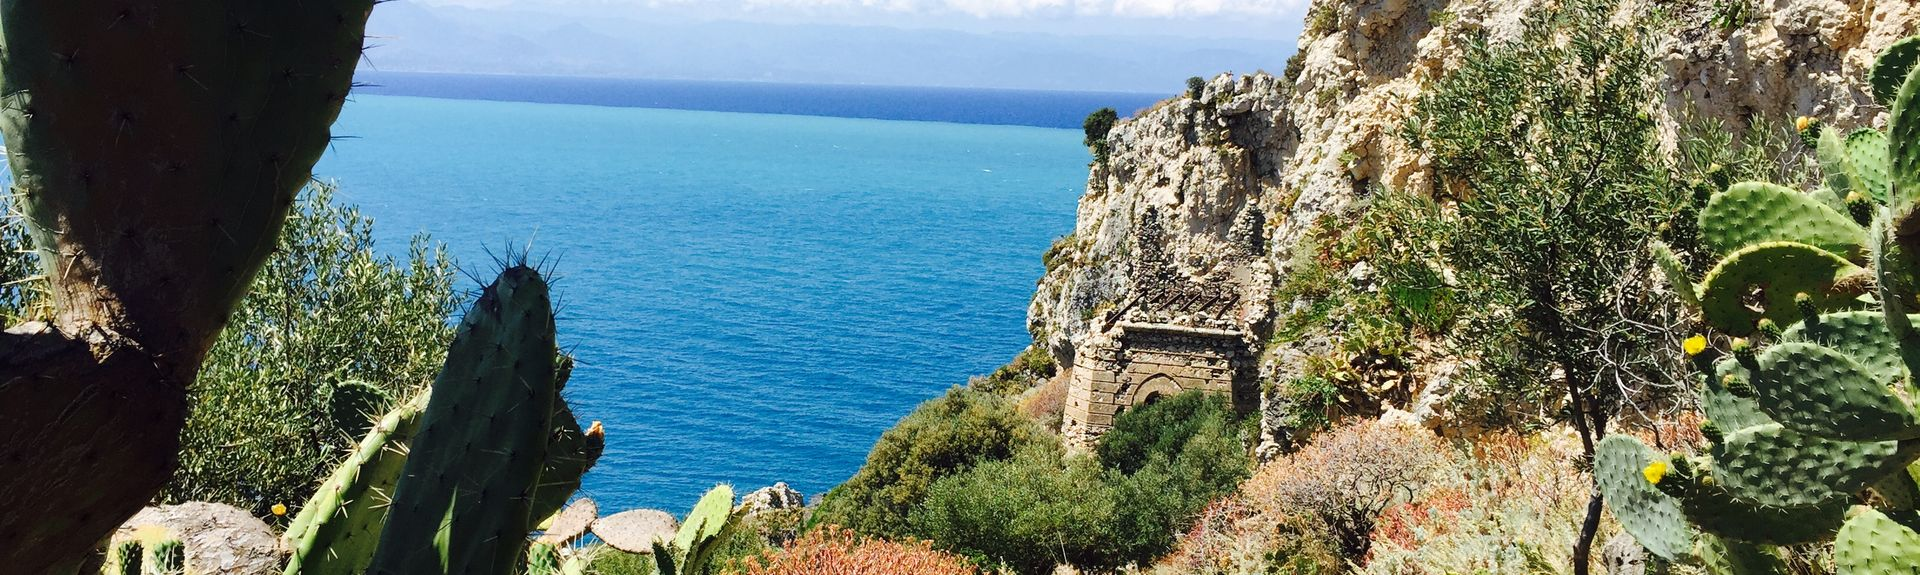 Piraino, Sicilia, Italia